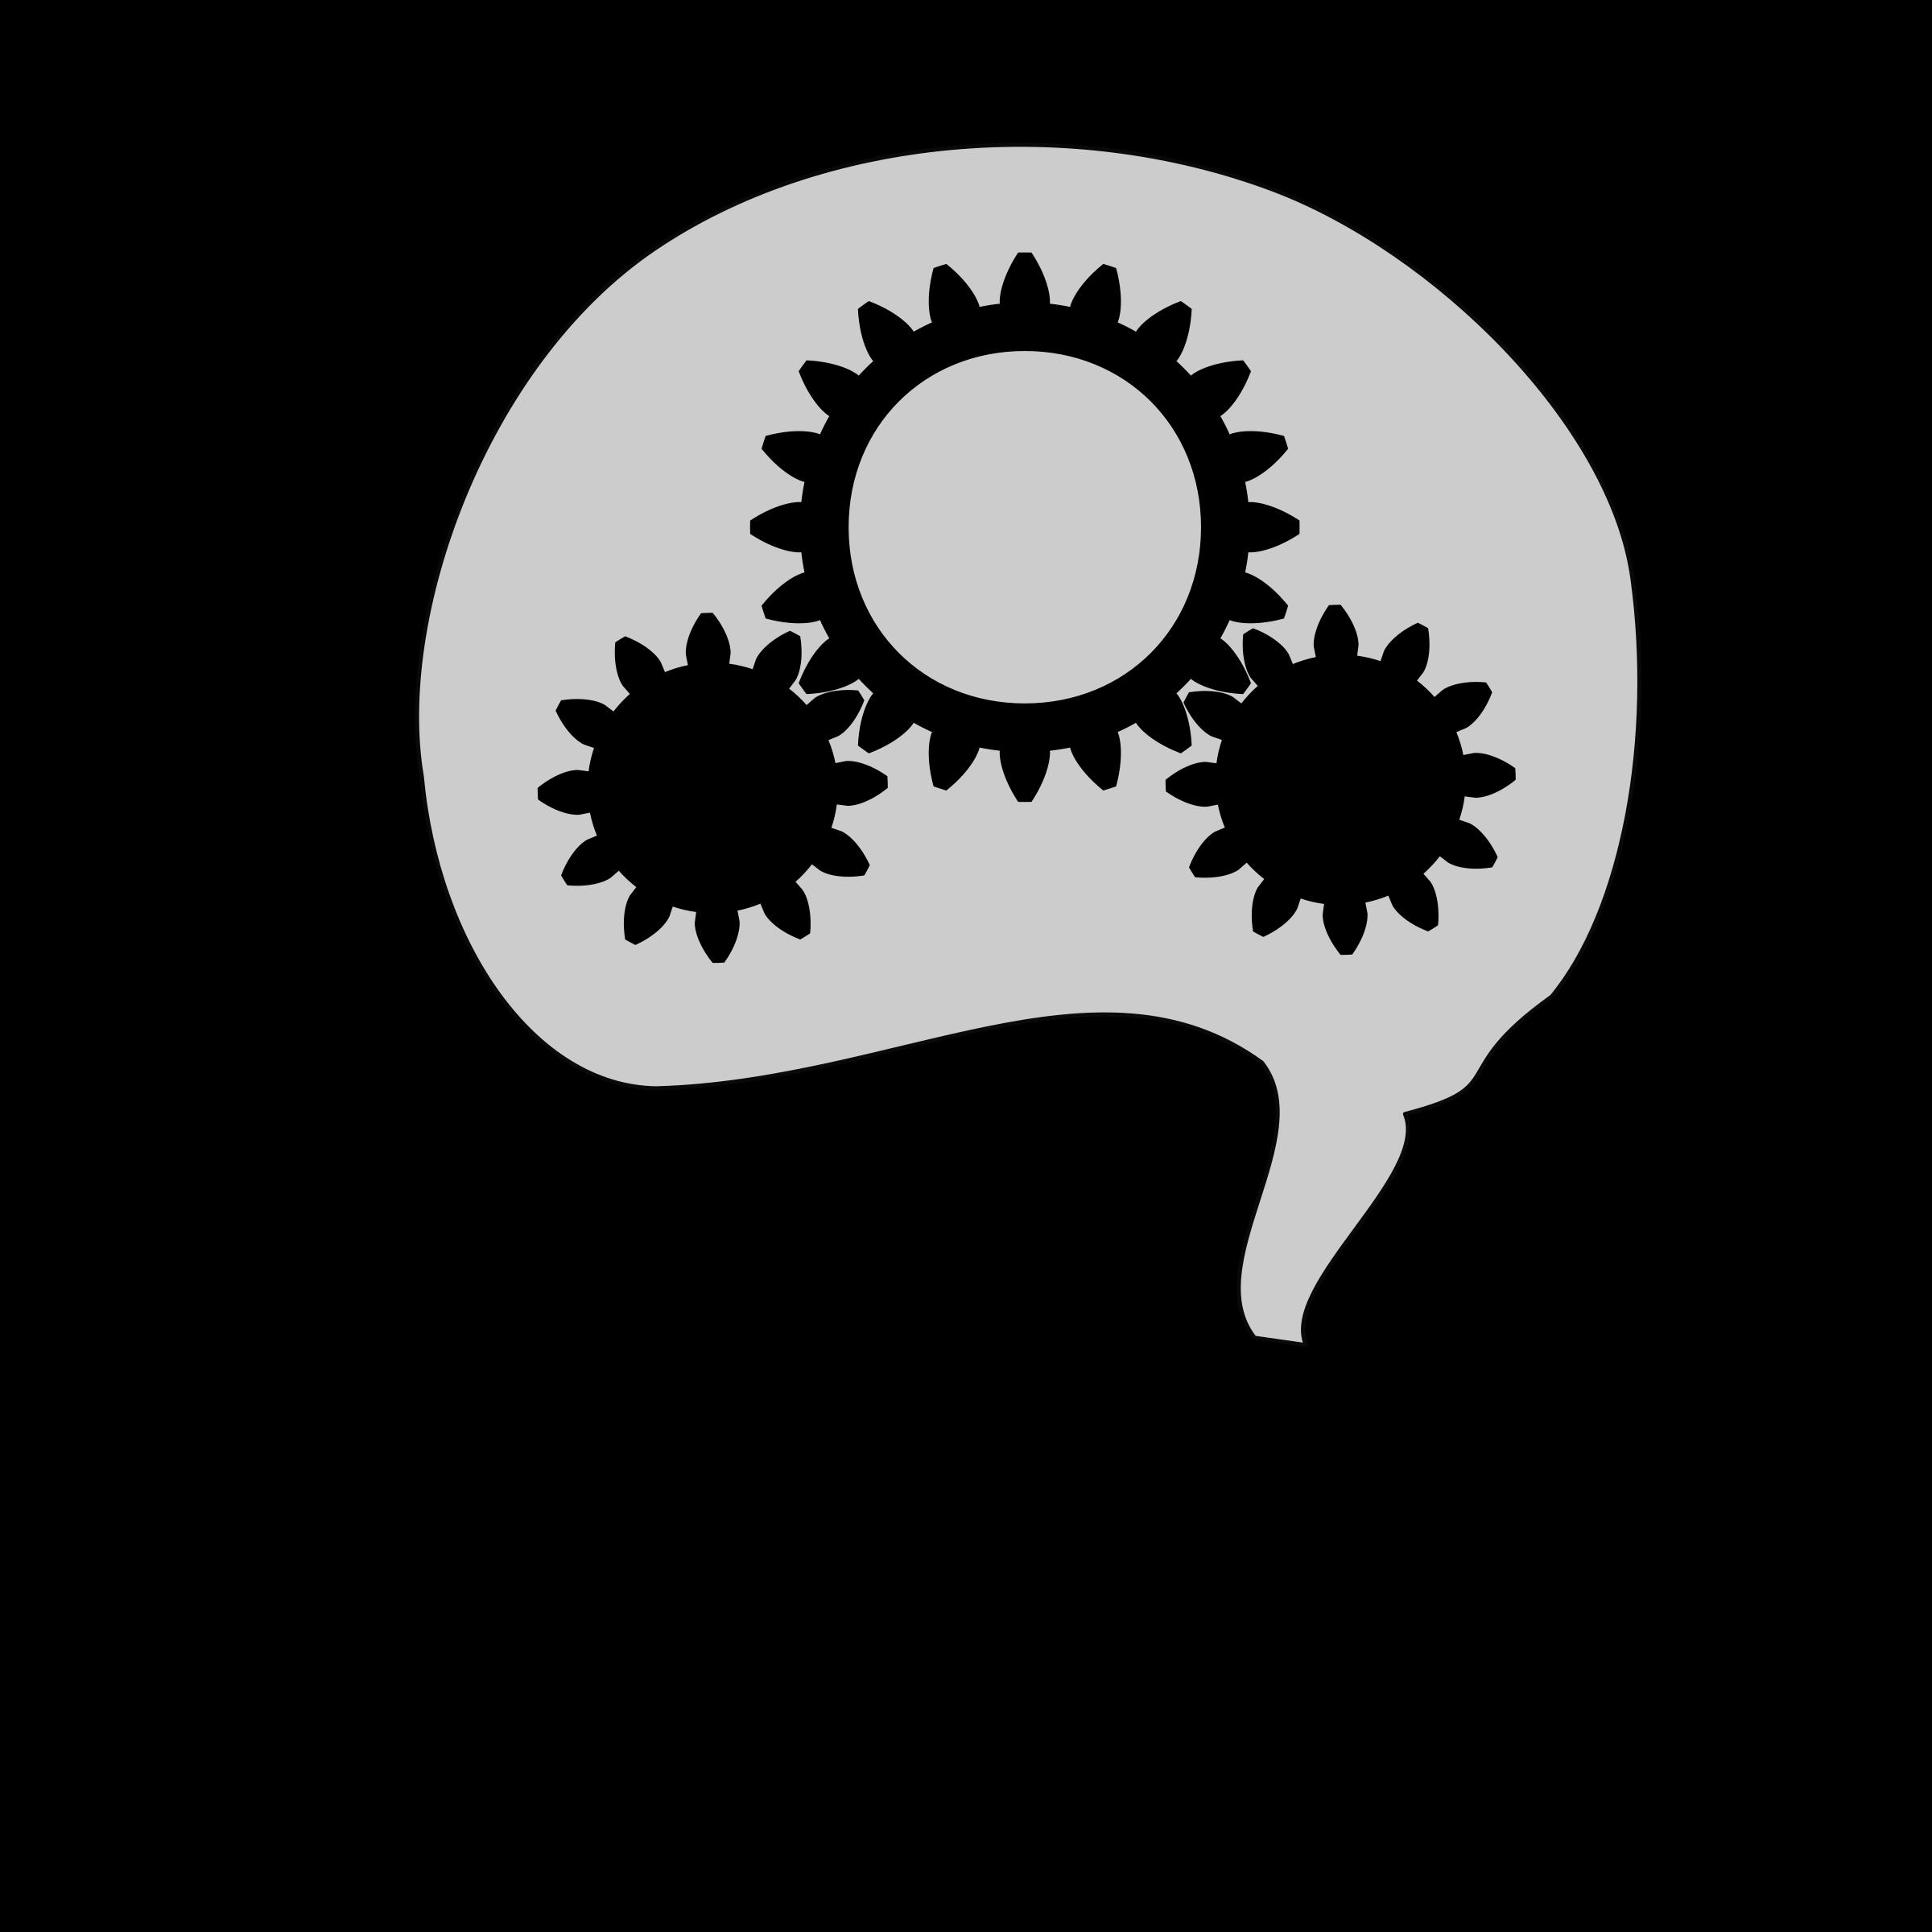 Thinking v2 animation by aukipa, Animation of turning